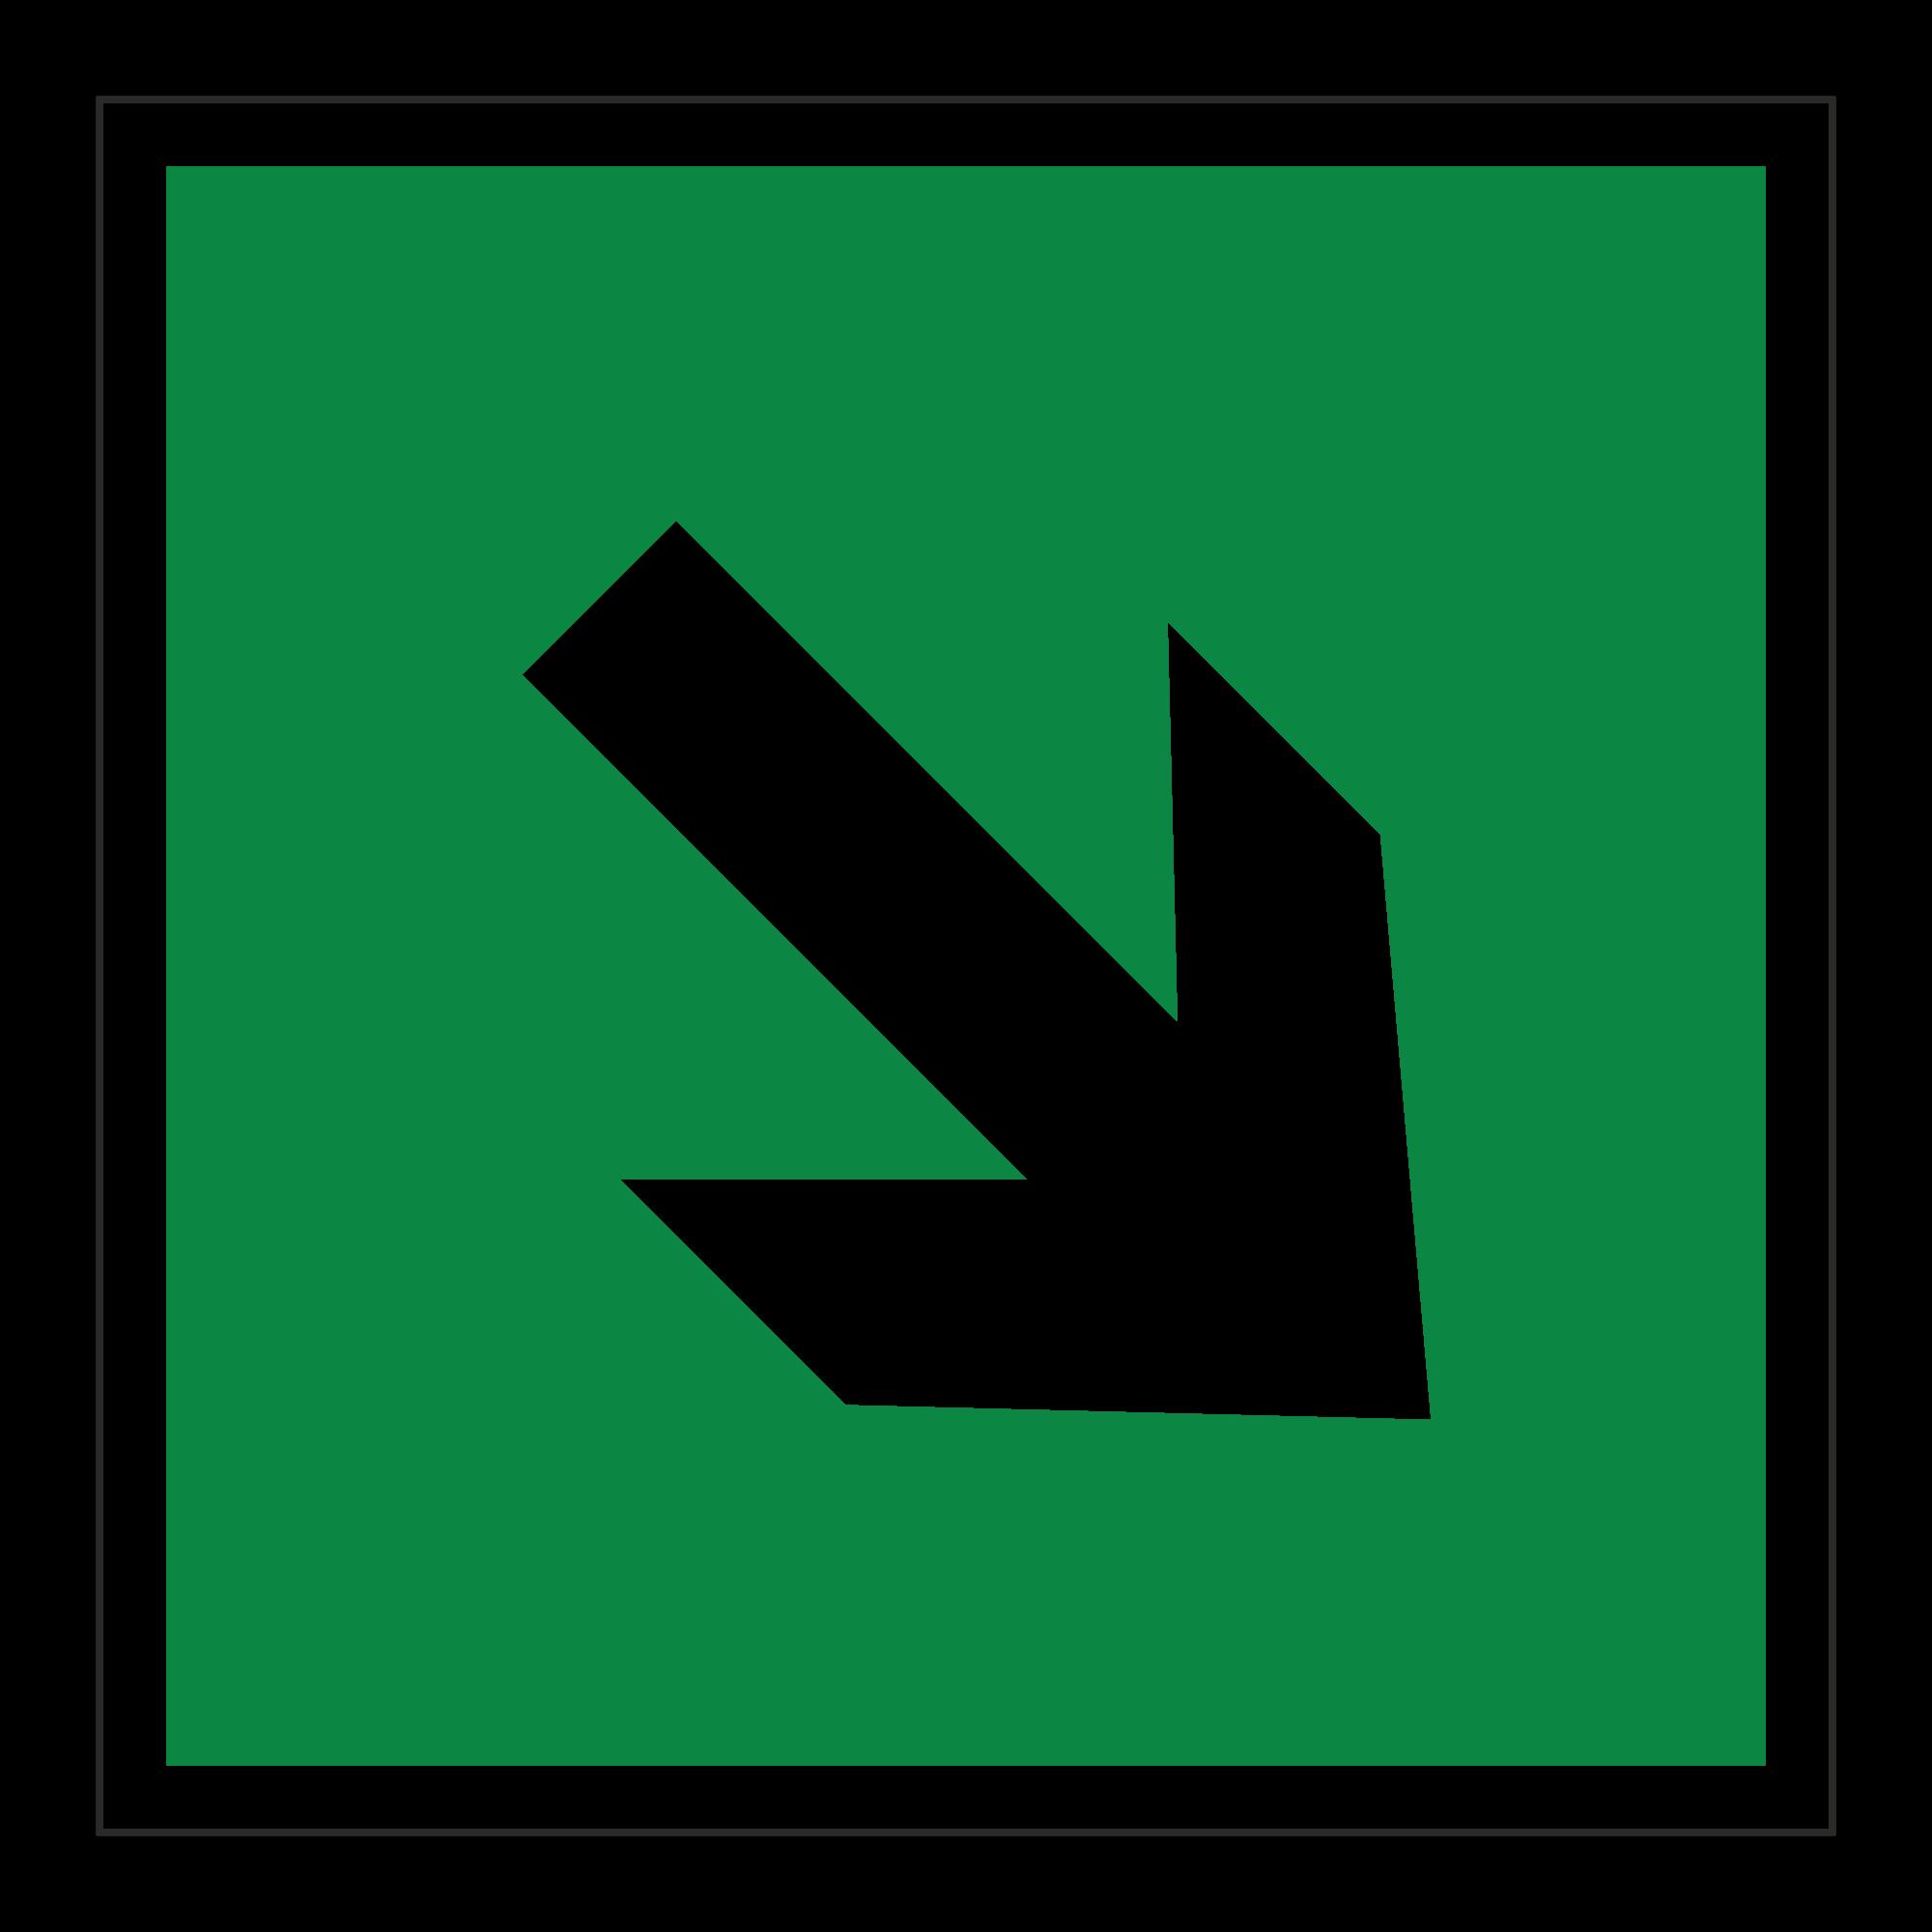 Е02-02 Направляющая стрелка под углом 45°